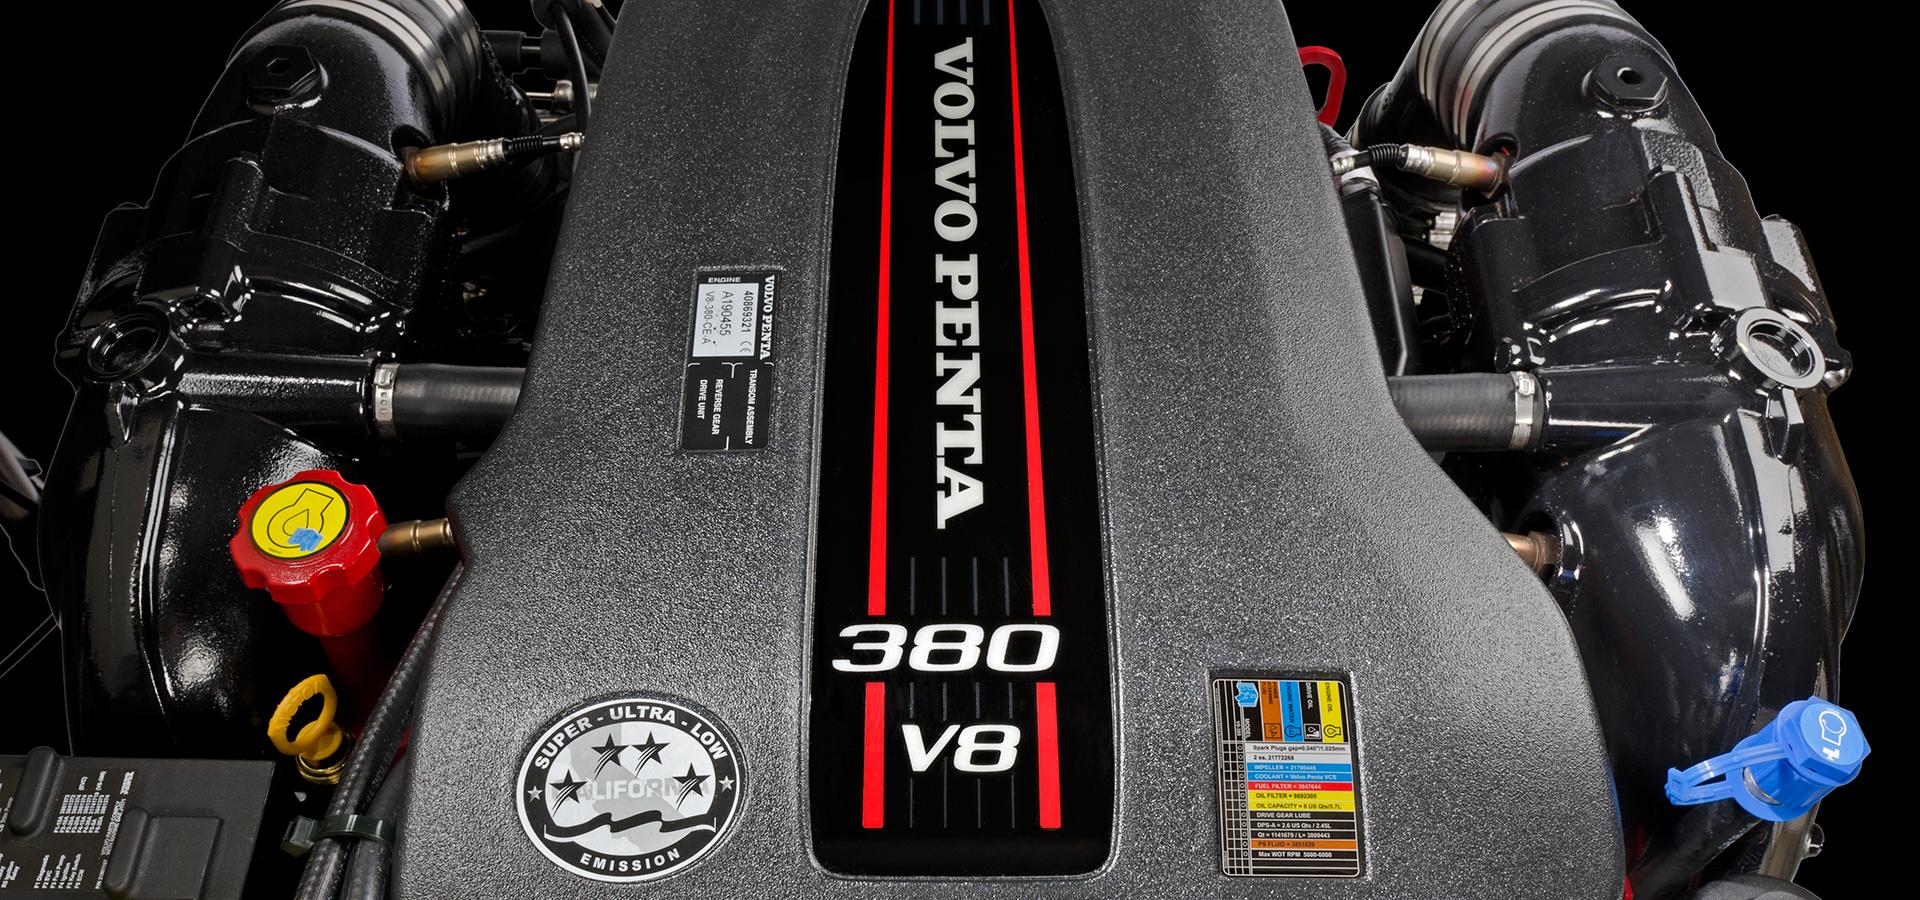 Volvo Penta V8 marine engine